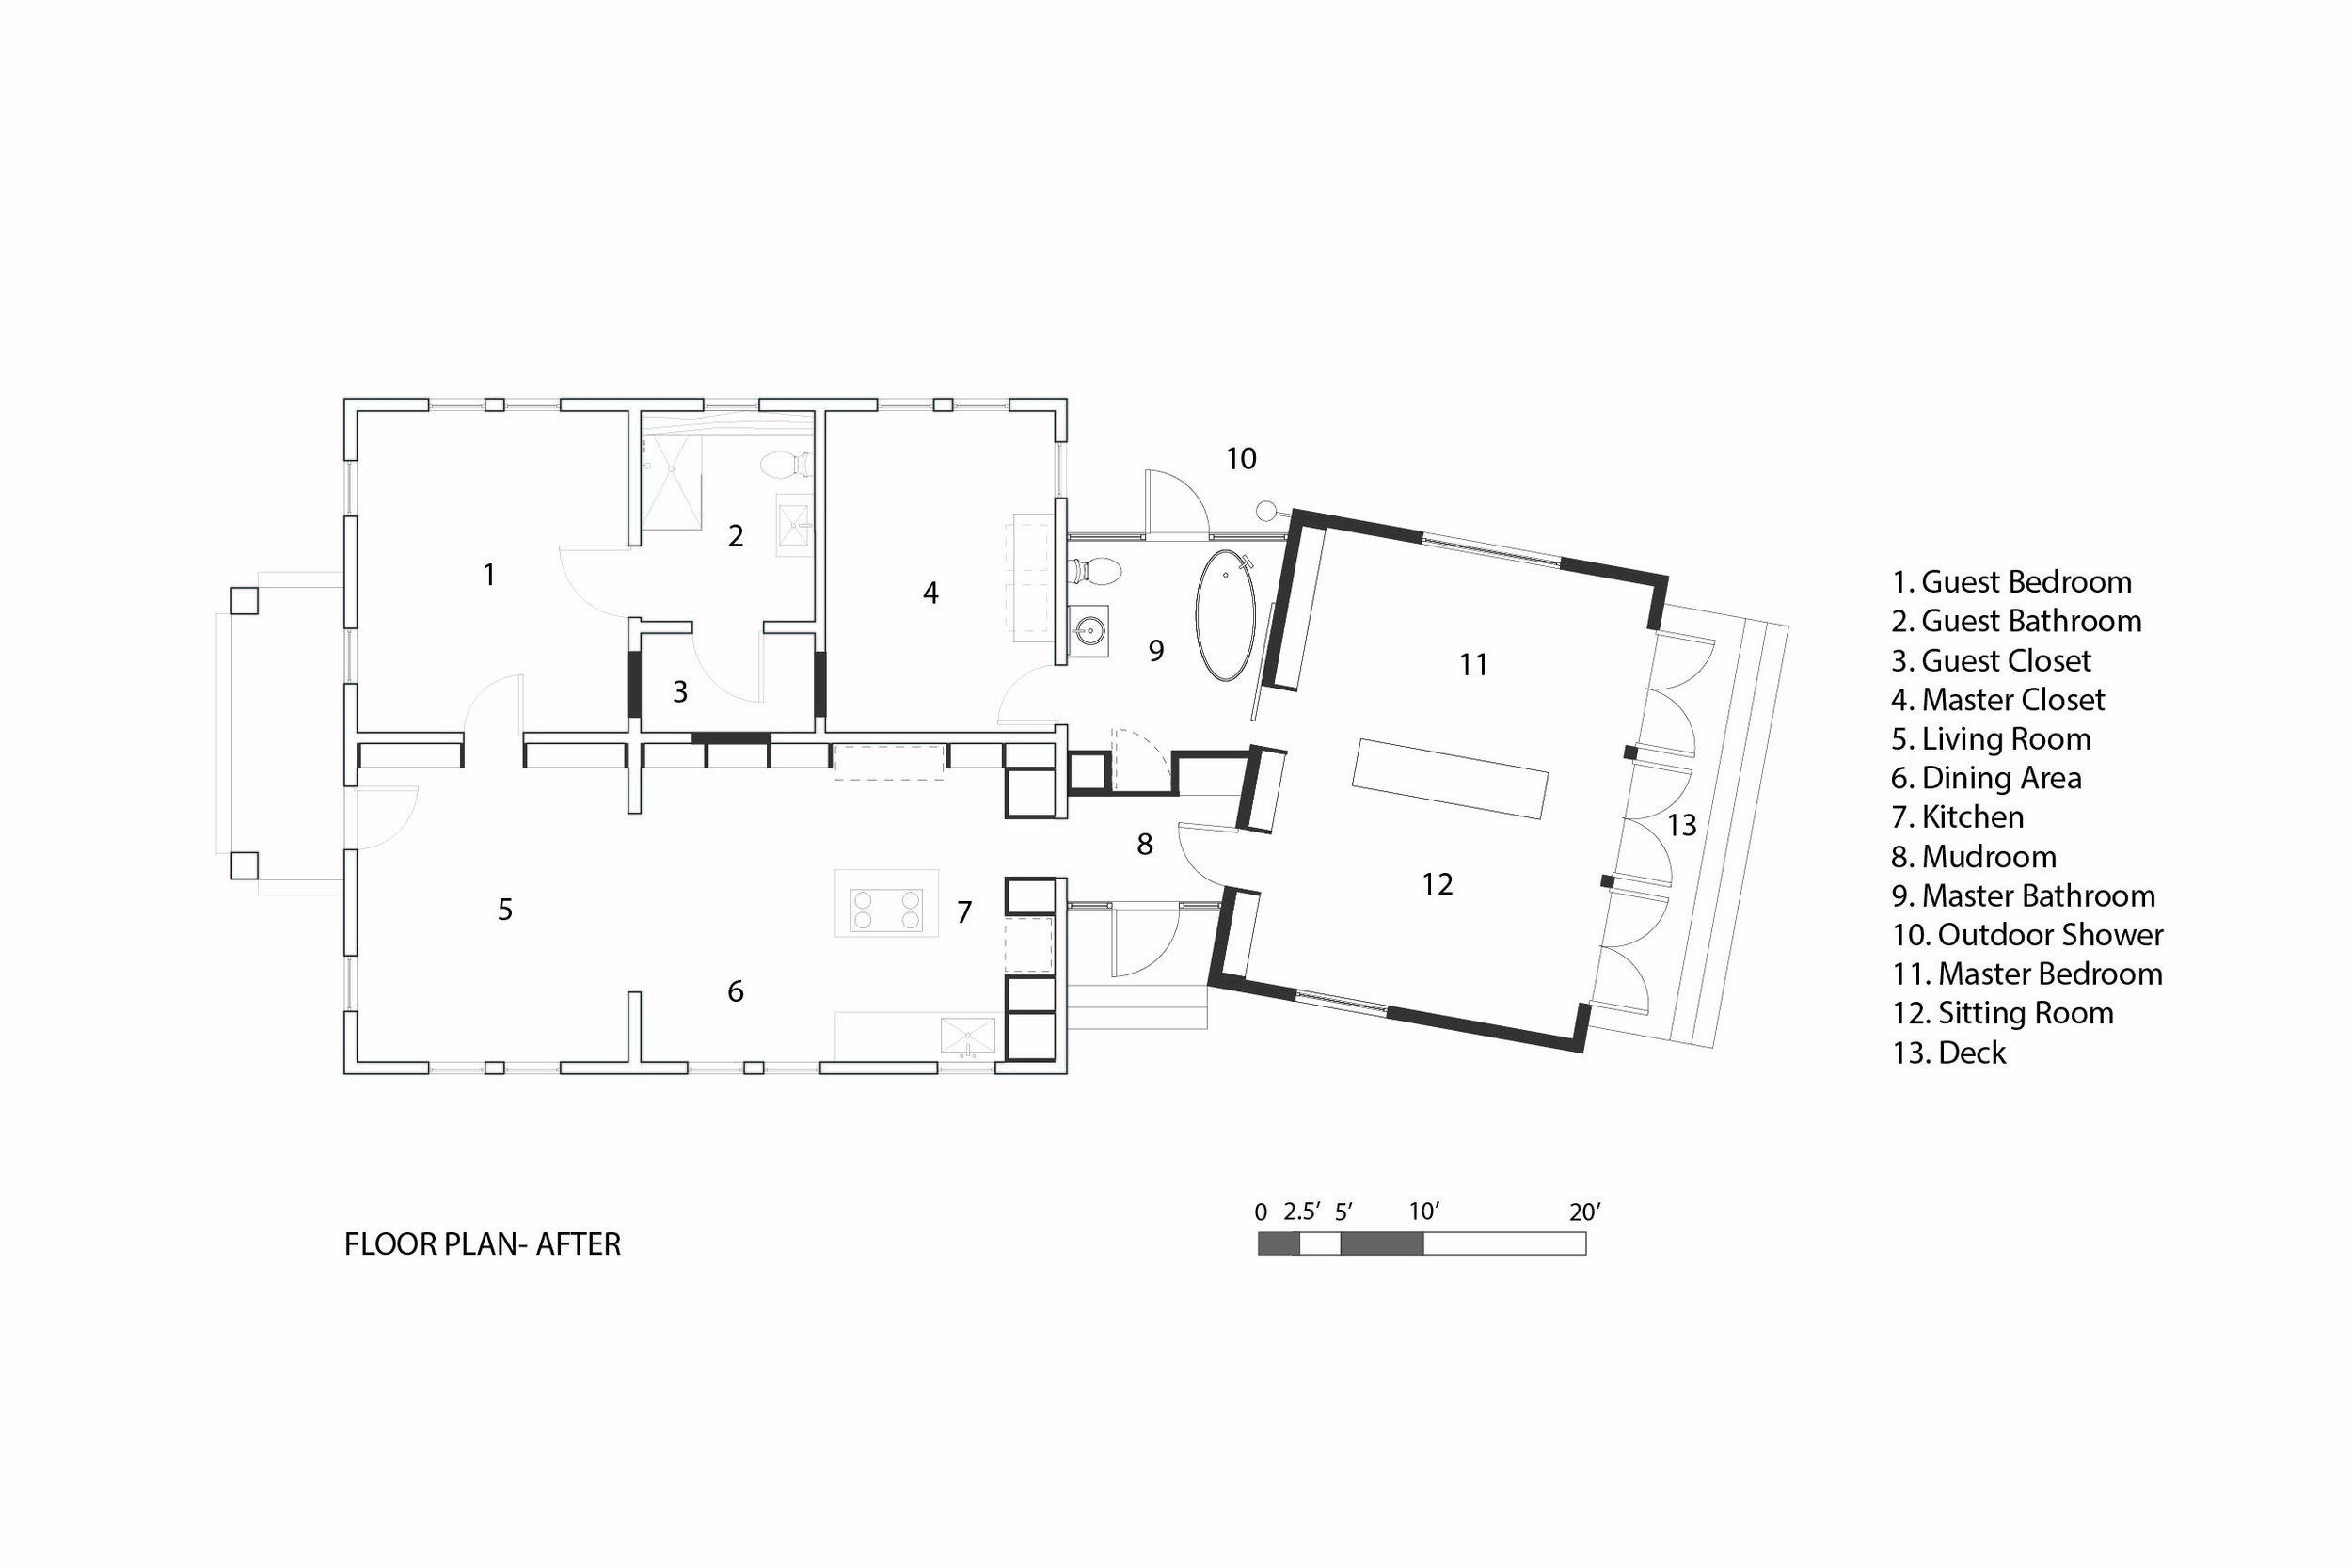 annie floor plan after.jpg